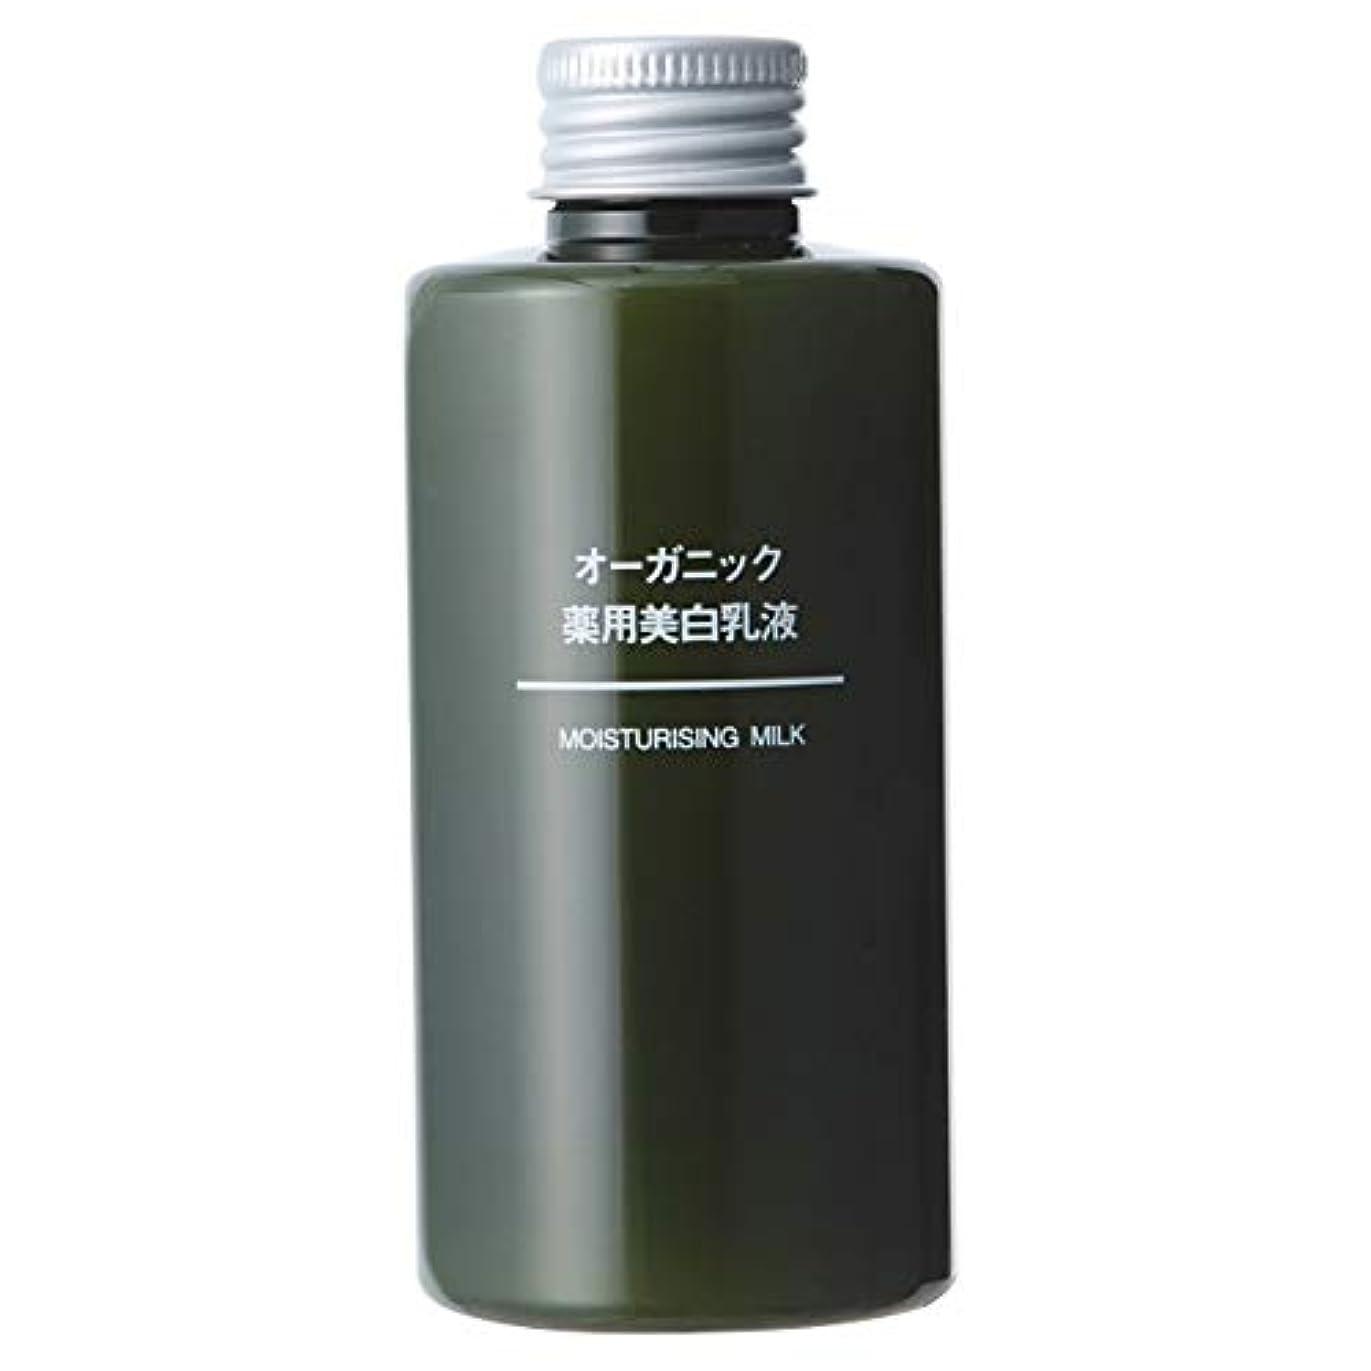 改革通信する計算する無印良品 オーガニック薬用美白乳液 (新)150ml